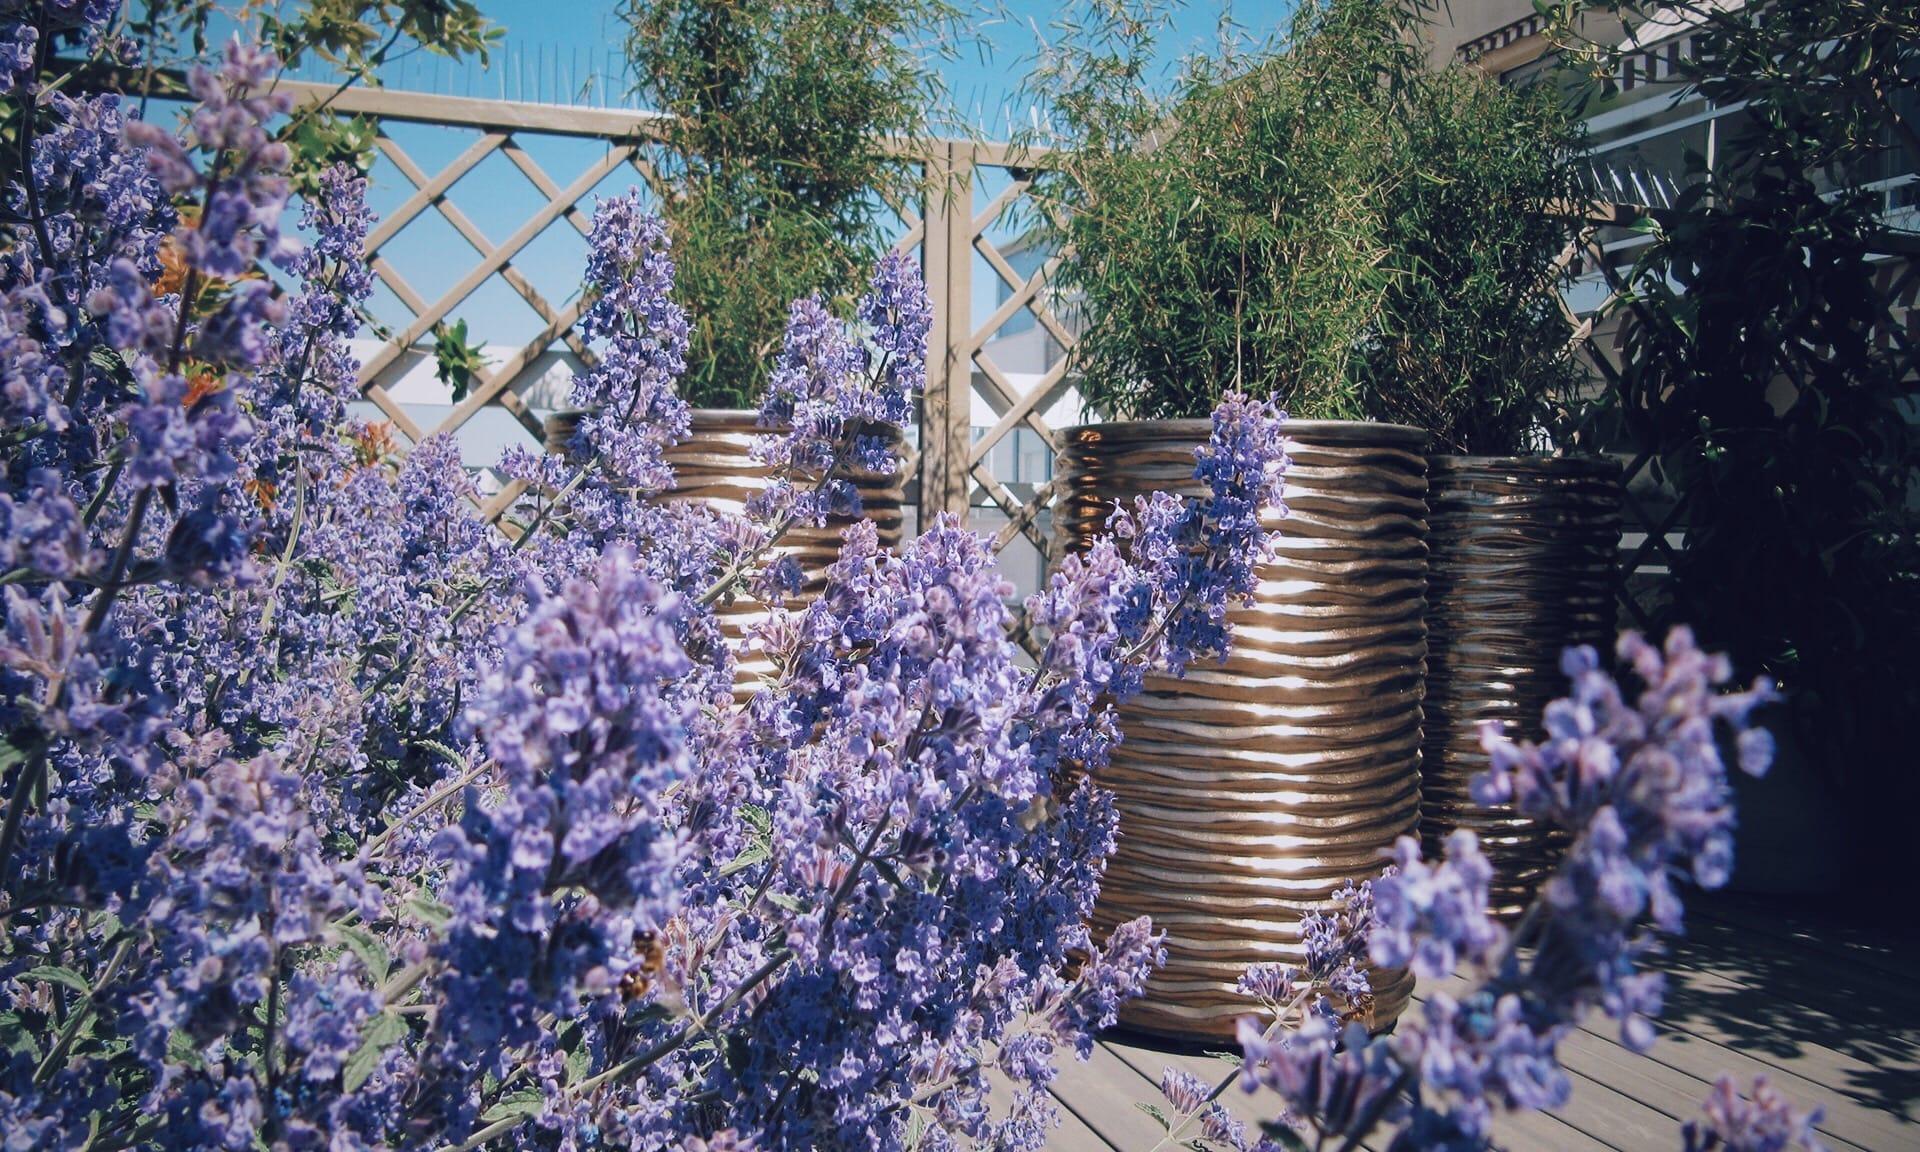 02_Nordscape_terrasse-pot-sculpture